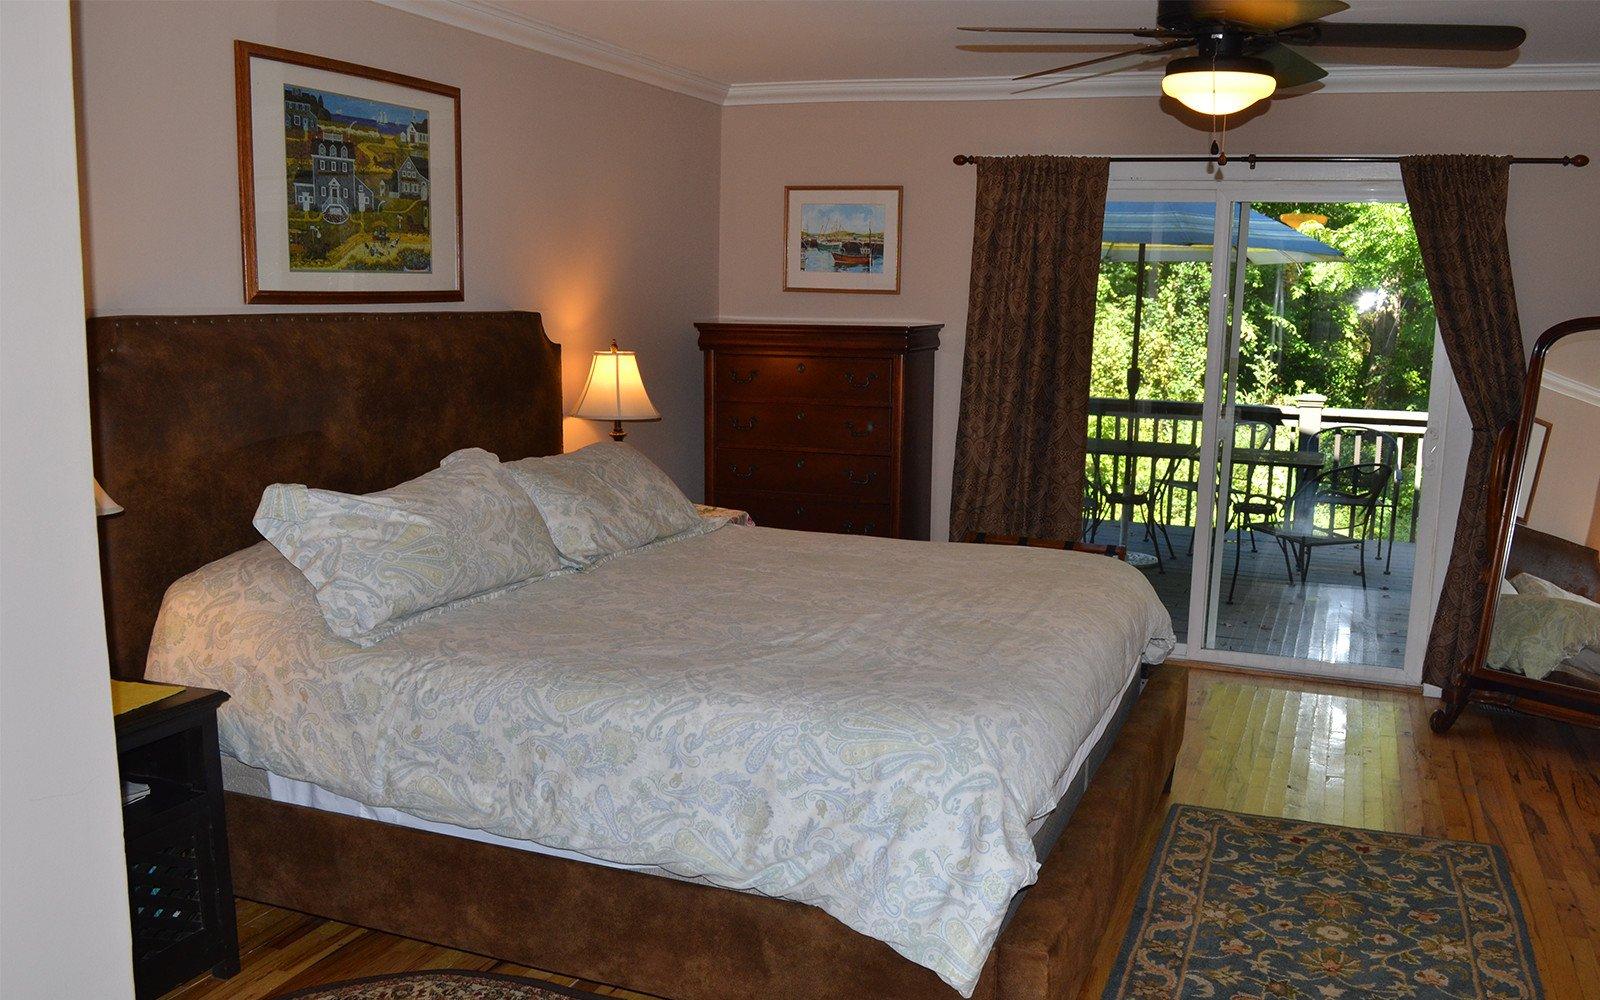 Master-bedroom-King-bed-Franklin-Street-house